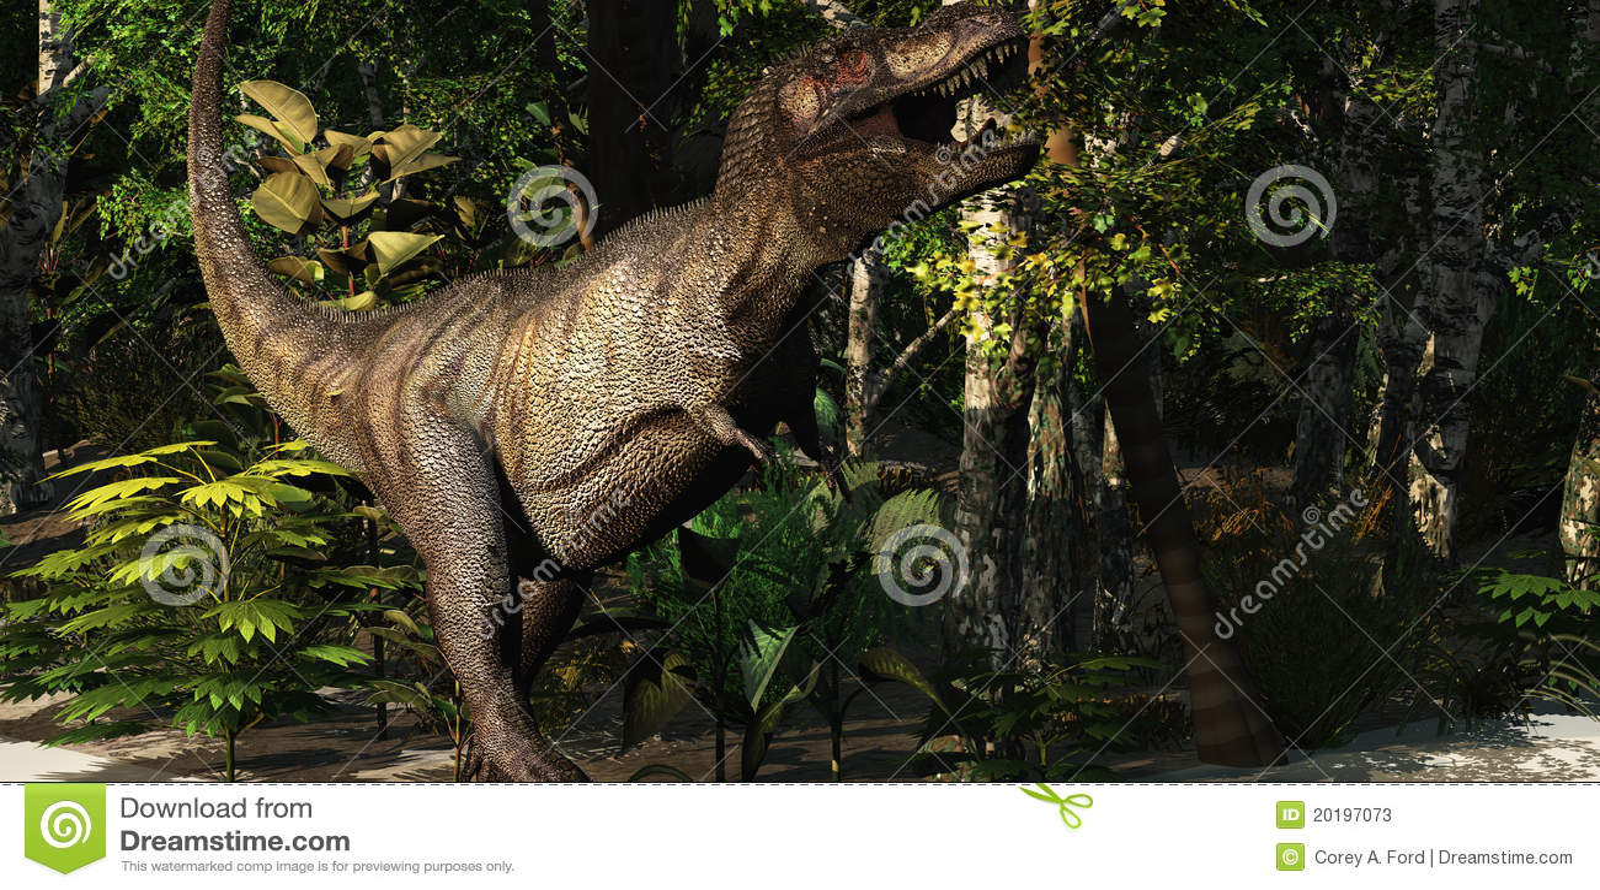 - t-rex-hunt-20197073